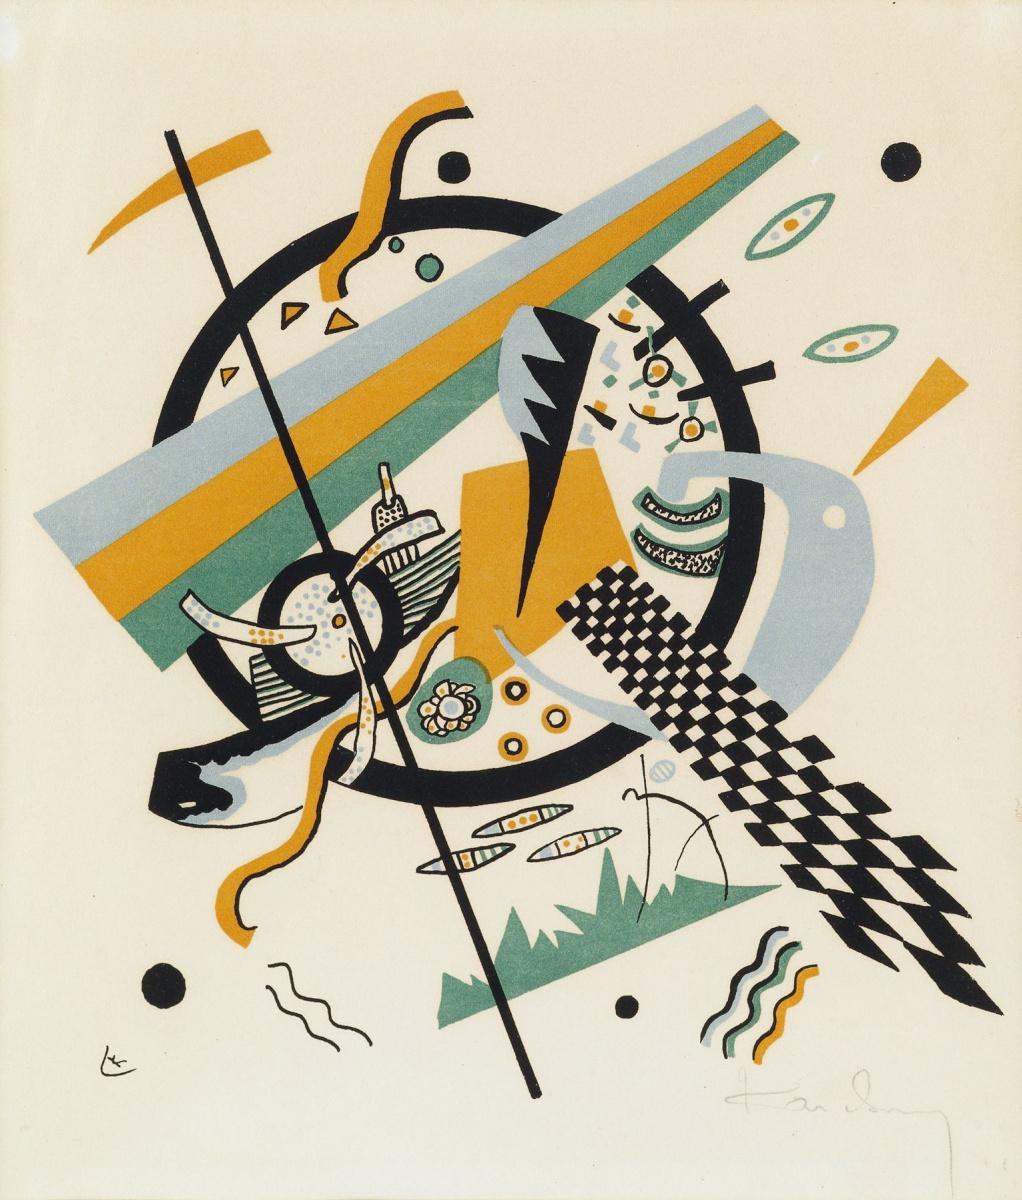 Wassily Kandinsky. Small worlds 4